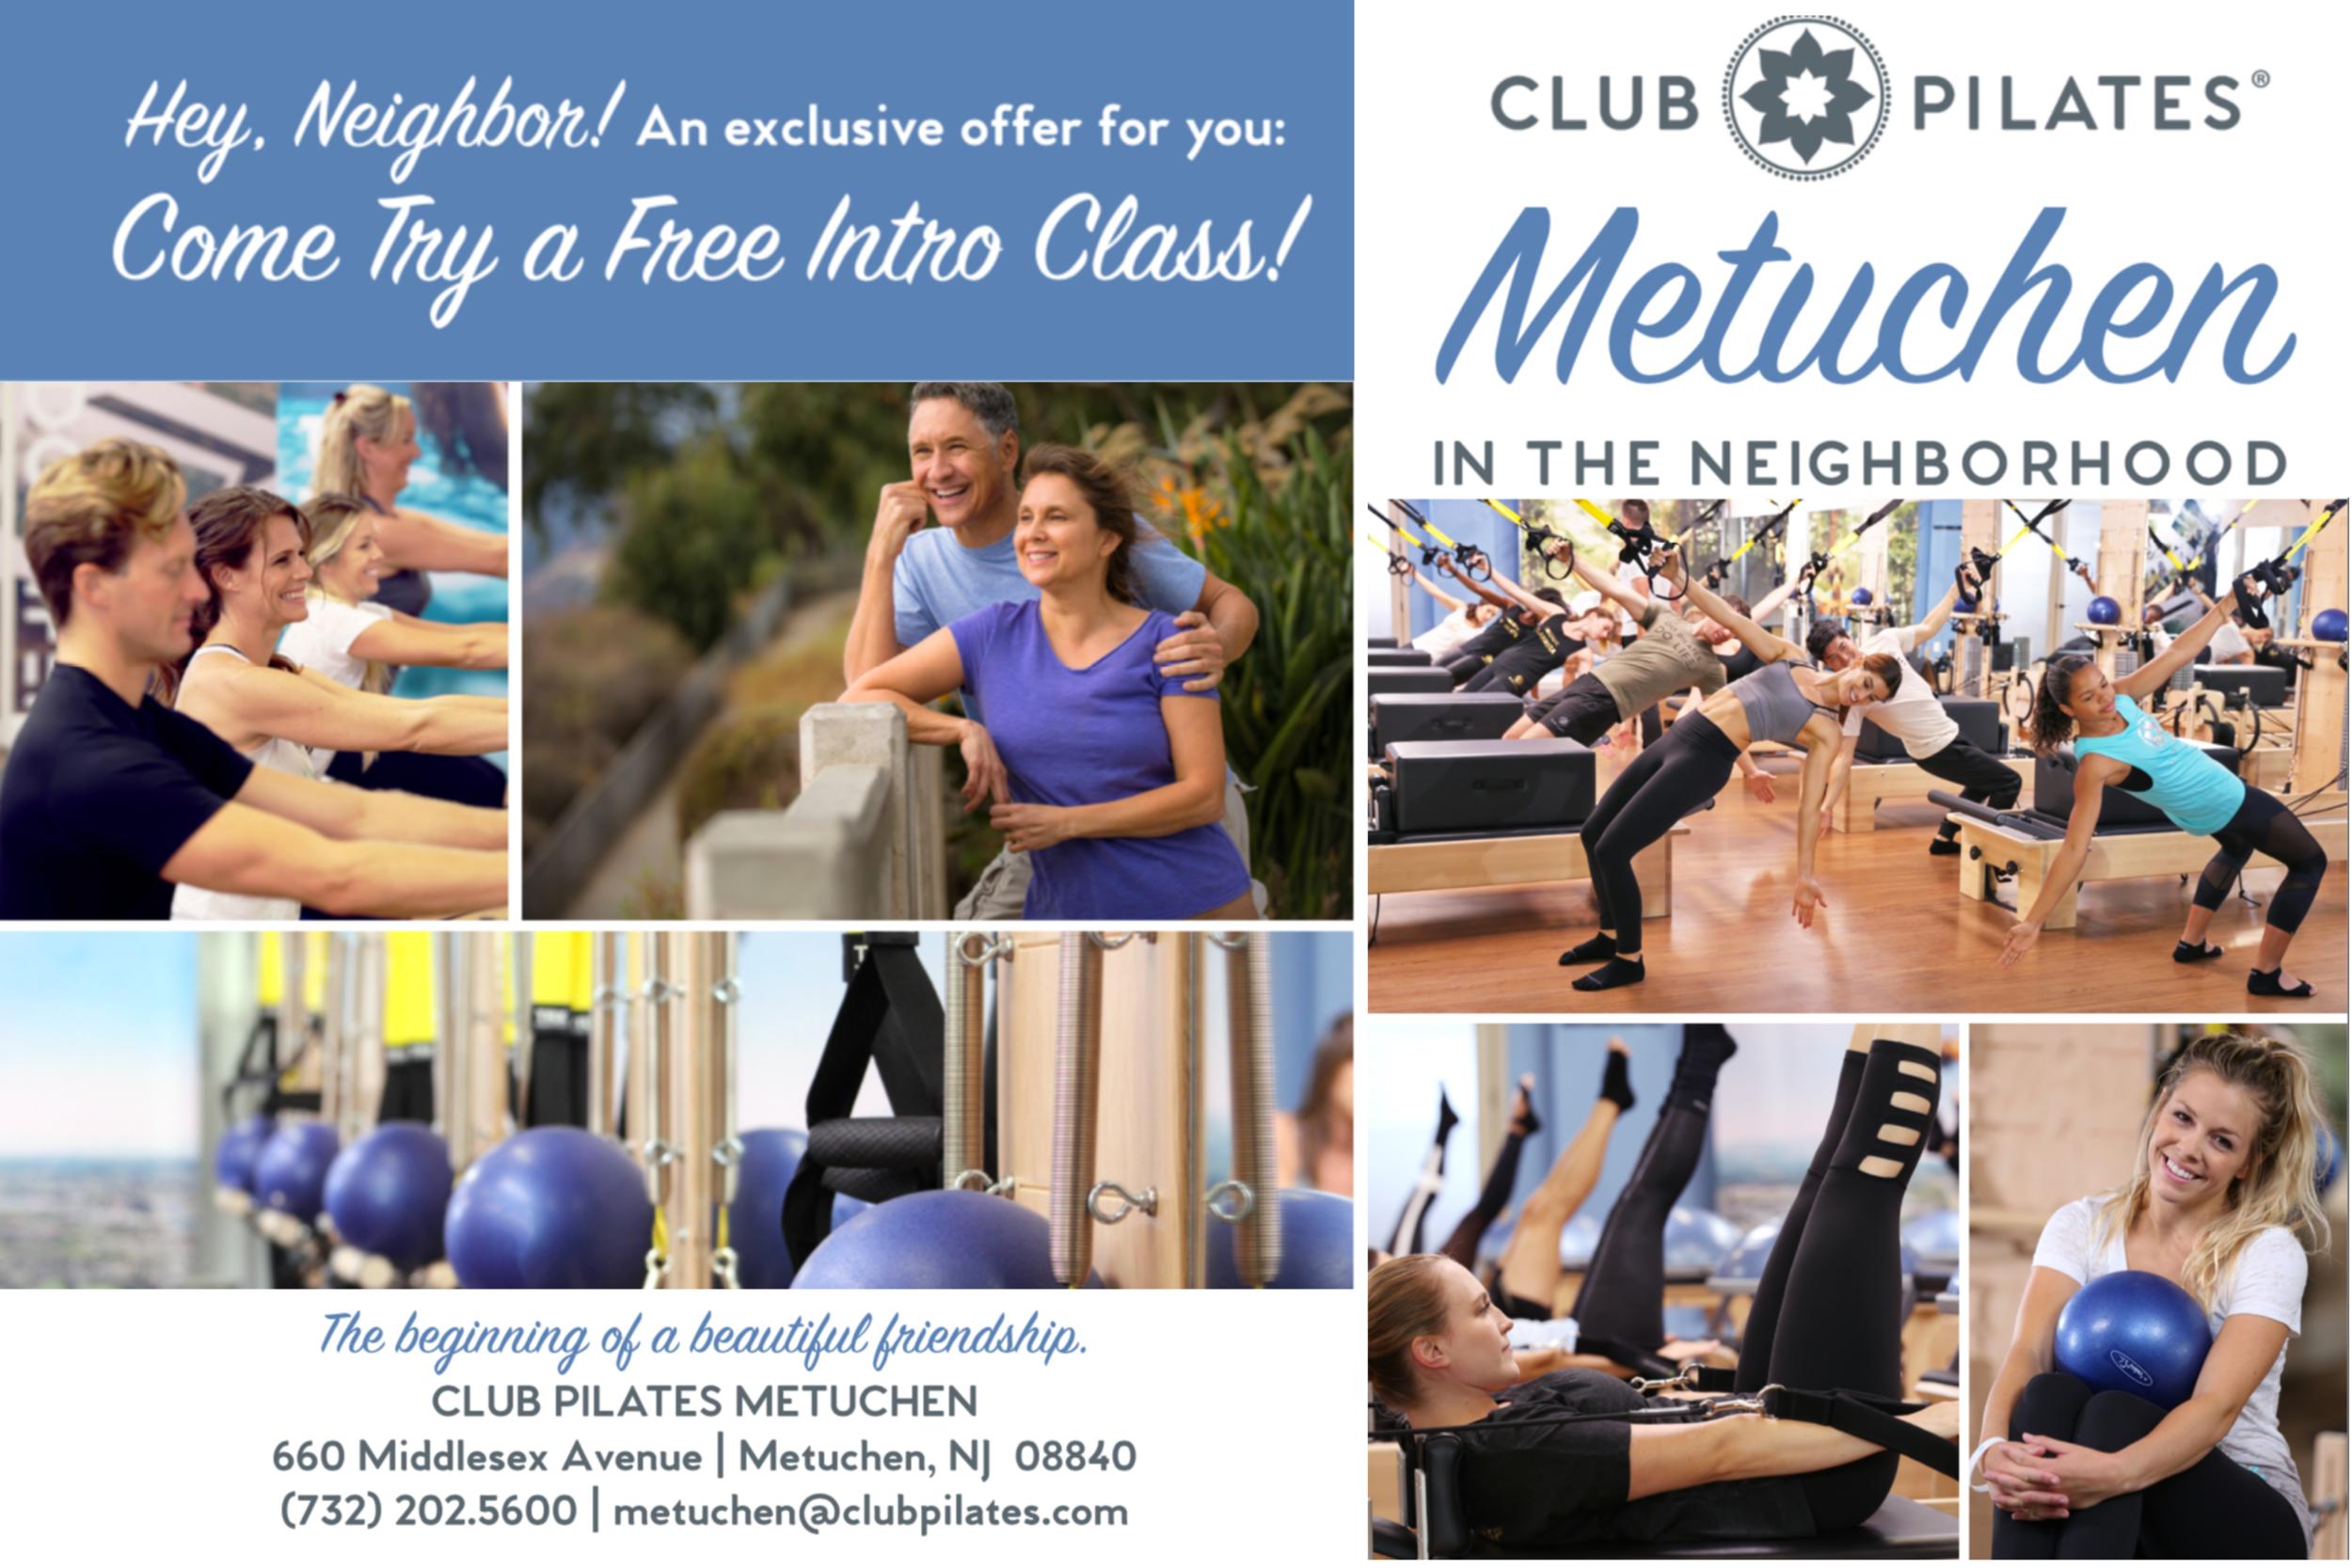 Club Pilates Metuchen